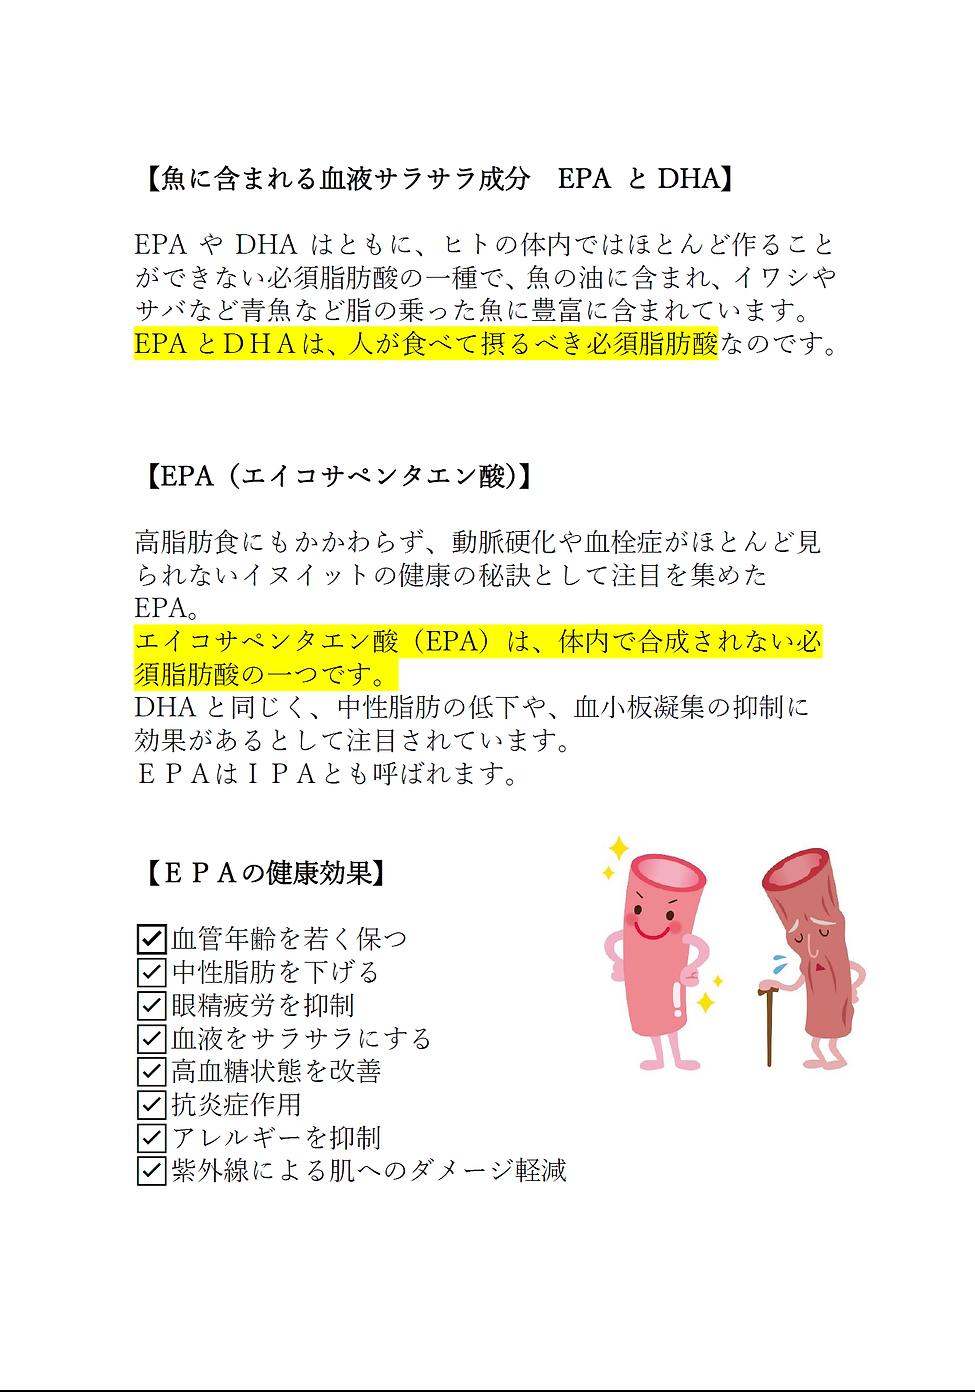 血液サラサラ 4ページ.png